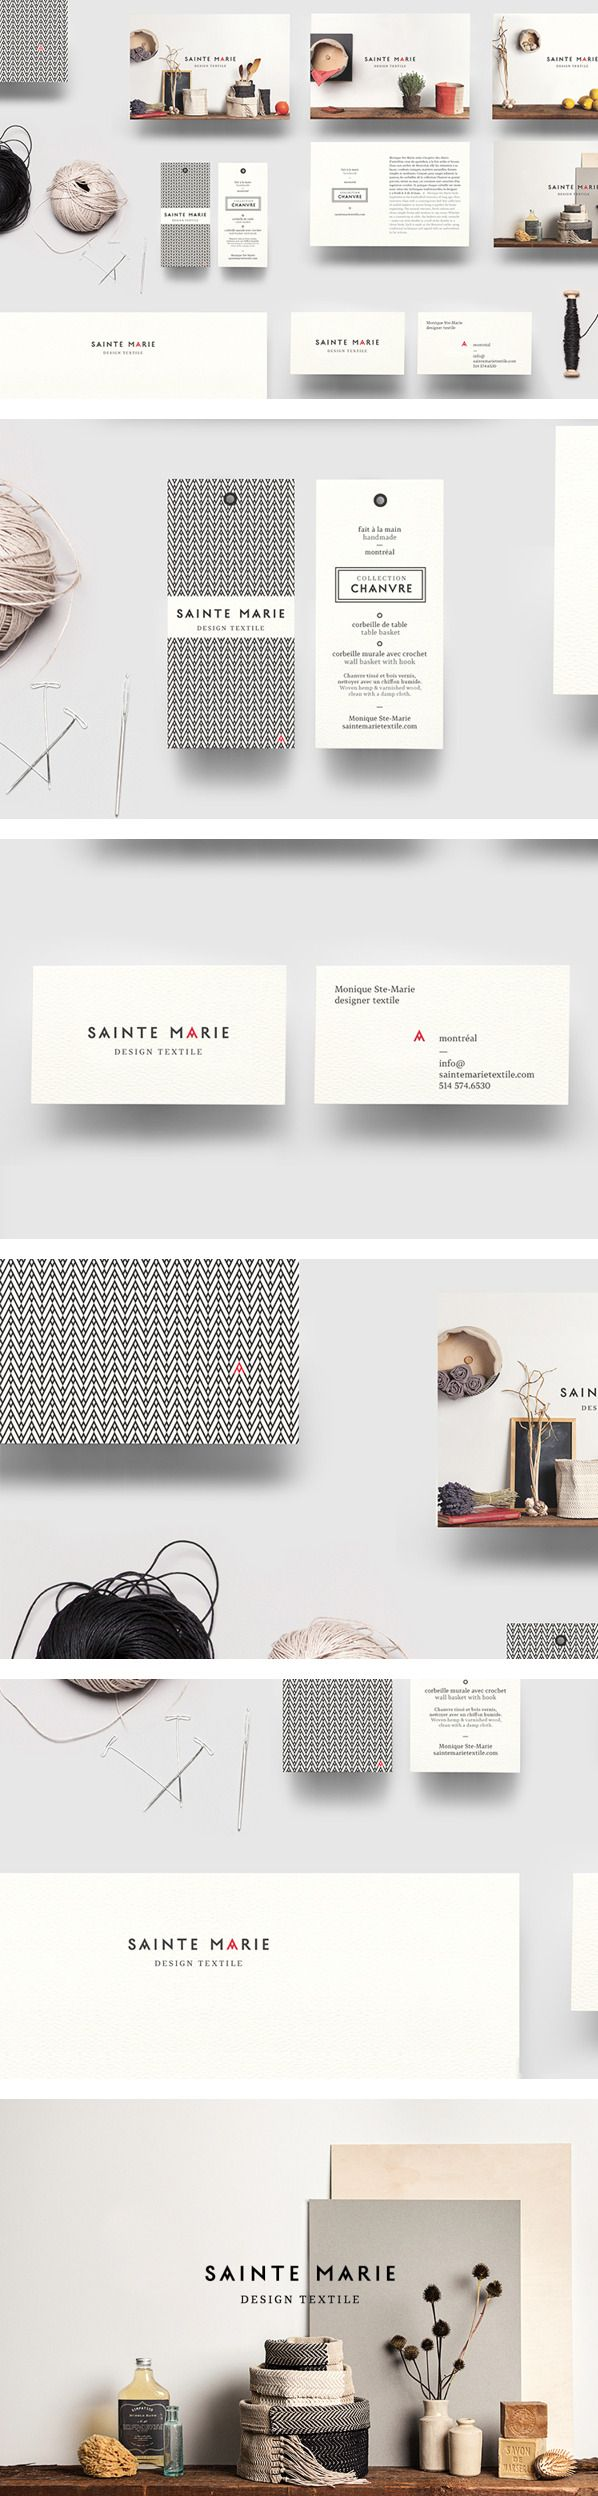 Sainte Marie identity | #stationary #corporate #design #corporatedesign #identity #branding #marketing < repinned by www.BlickeDeeler.de | Take a look at www.LogoGestaltung-Hamburg.de